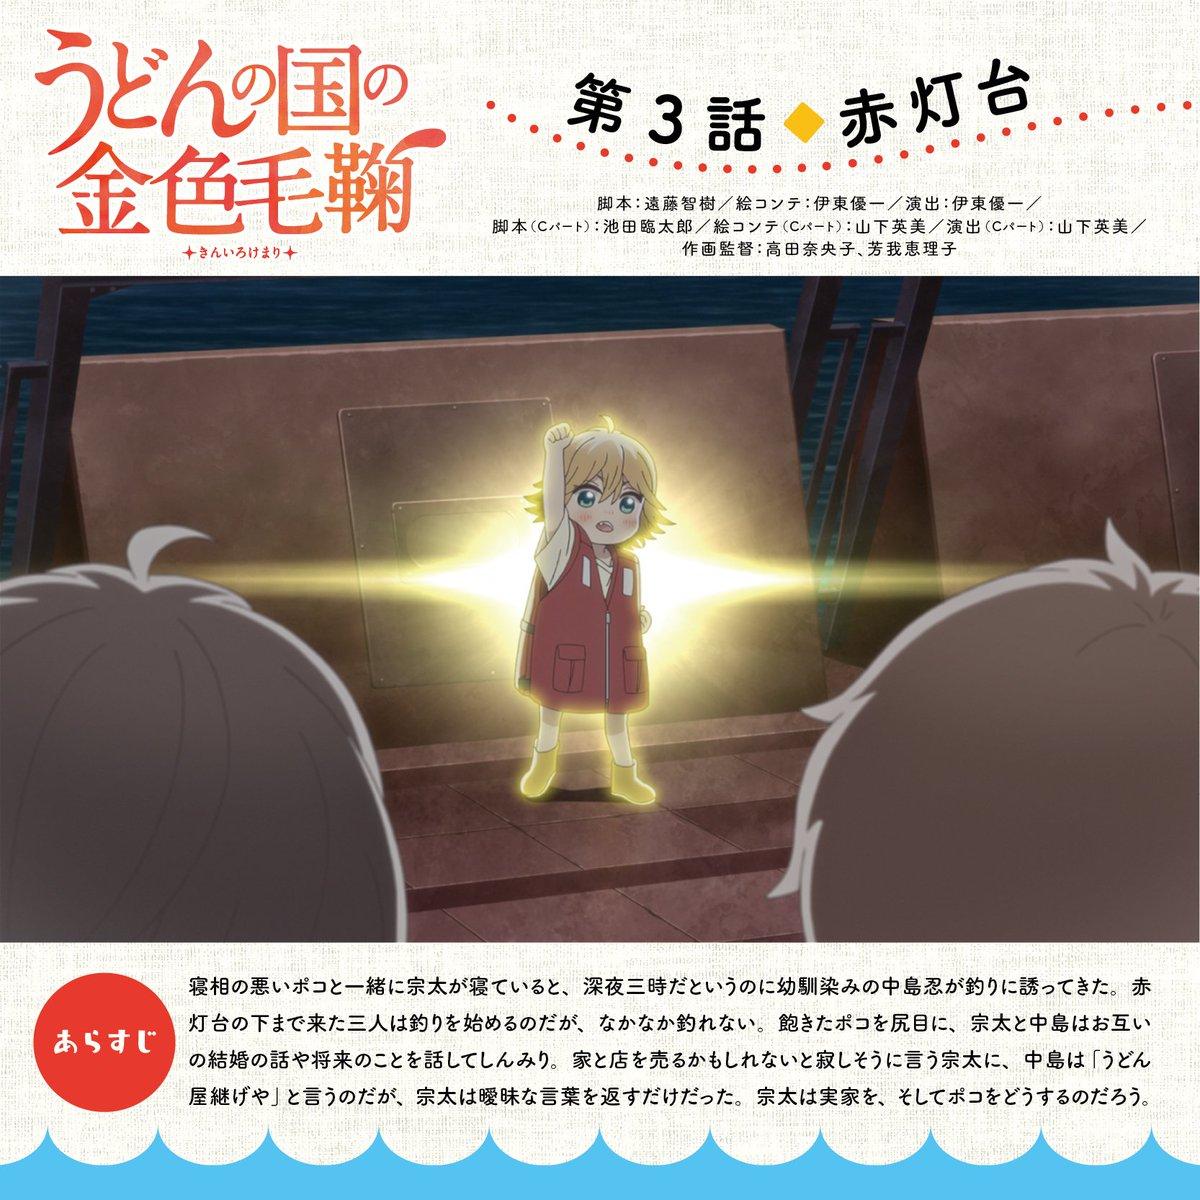 【もう間もなく!:うどんの国の金色毛鞠】もう間もなく!このあと26:00より日本テレビにて第3話「赤灯台」放送です!通常